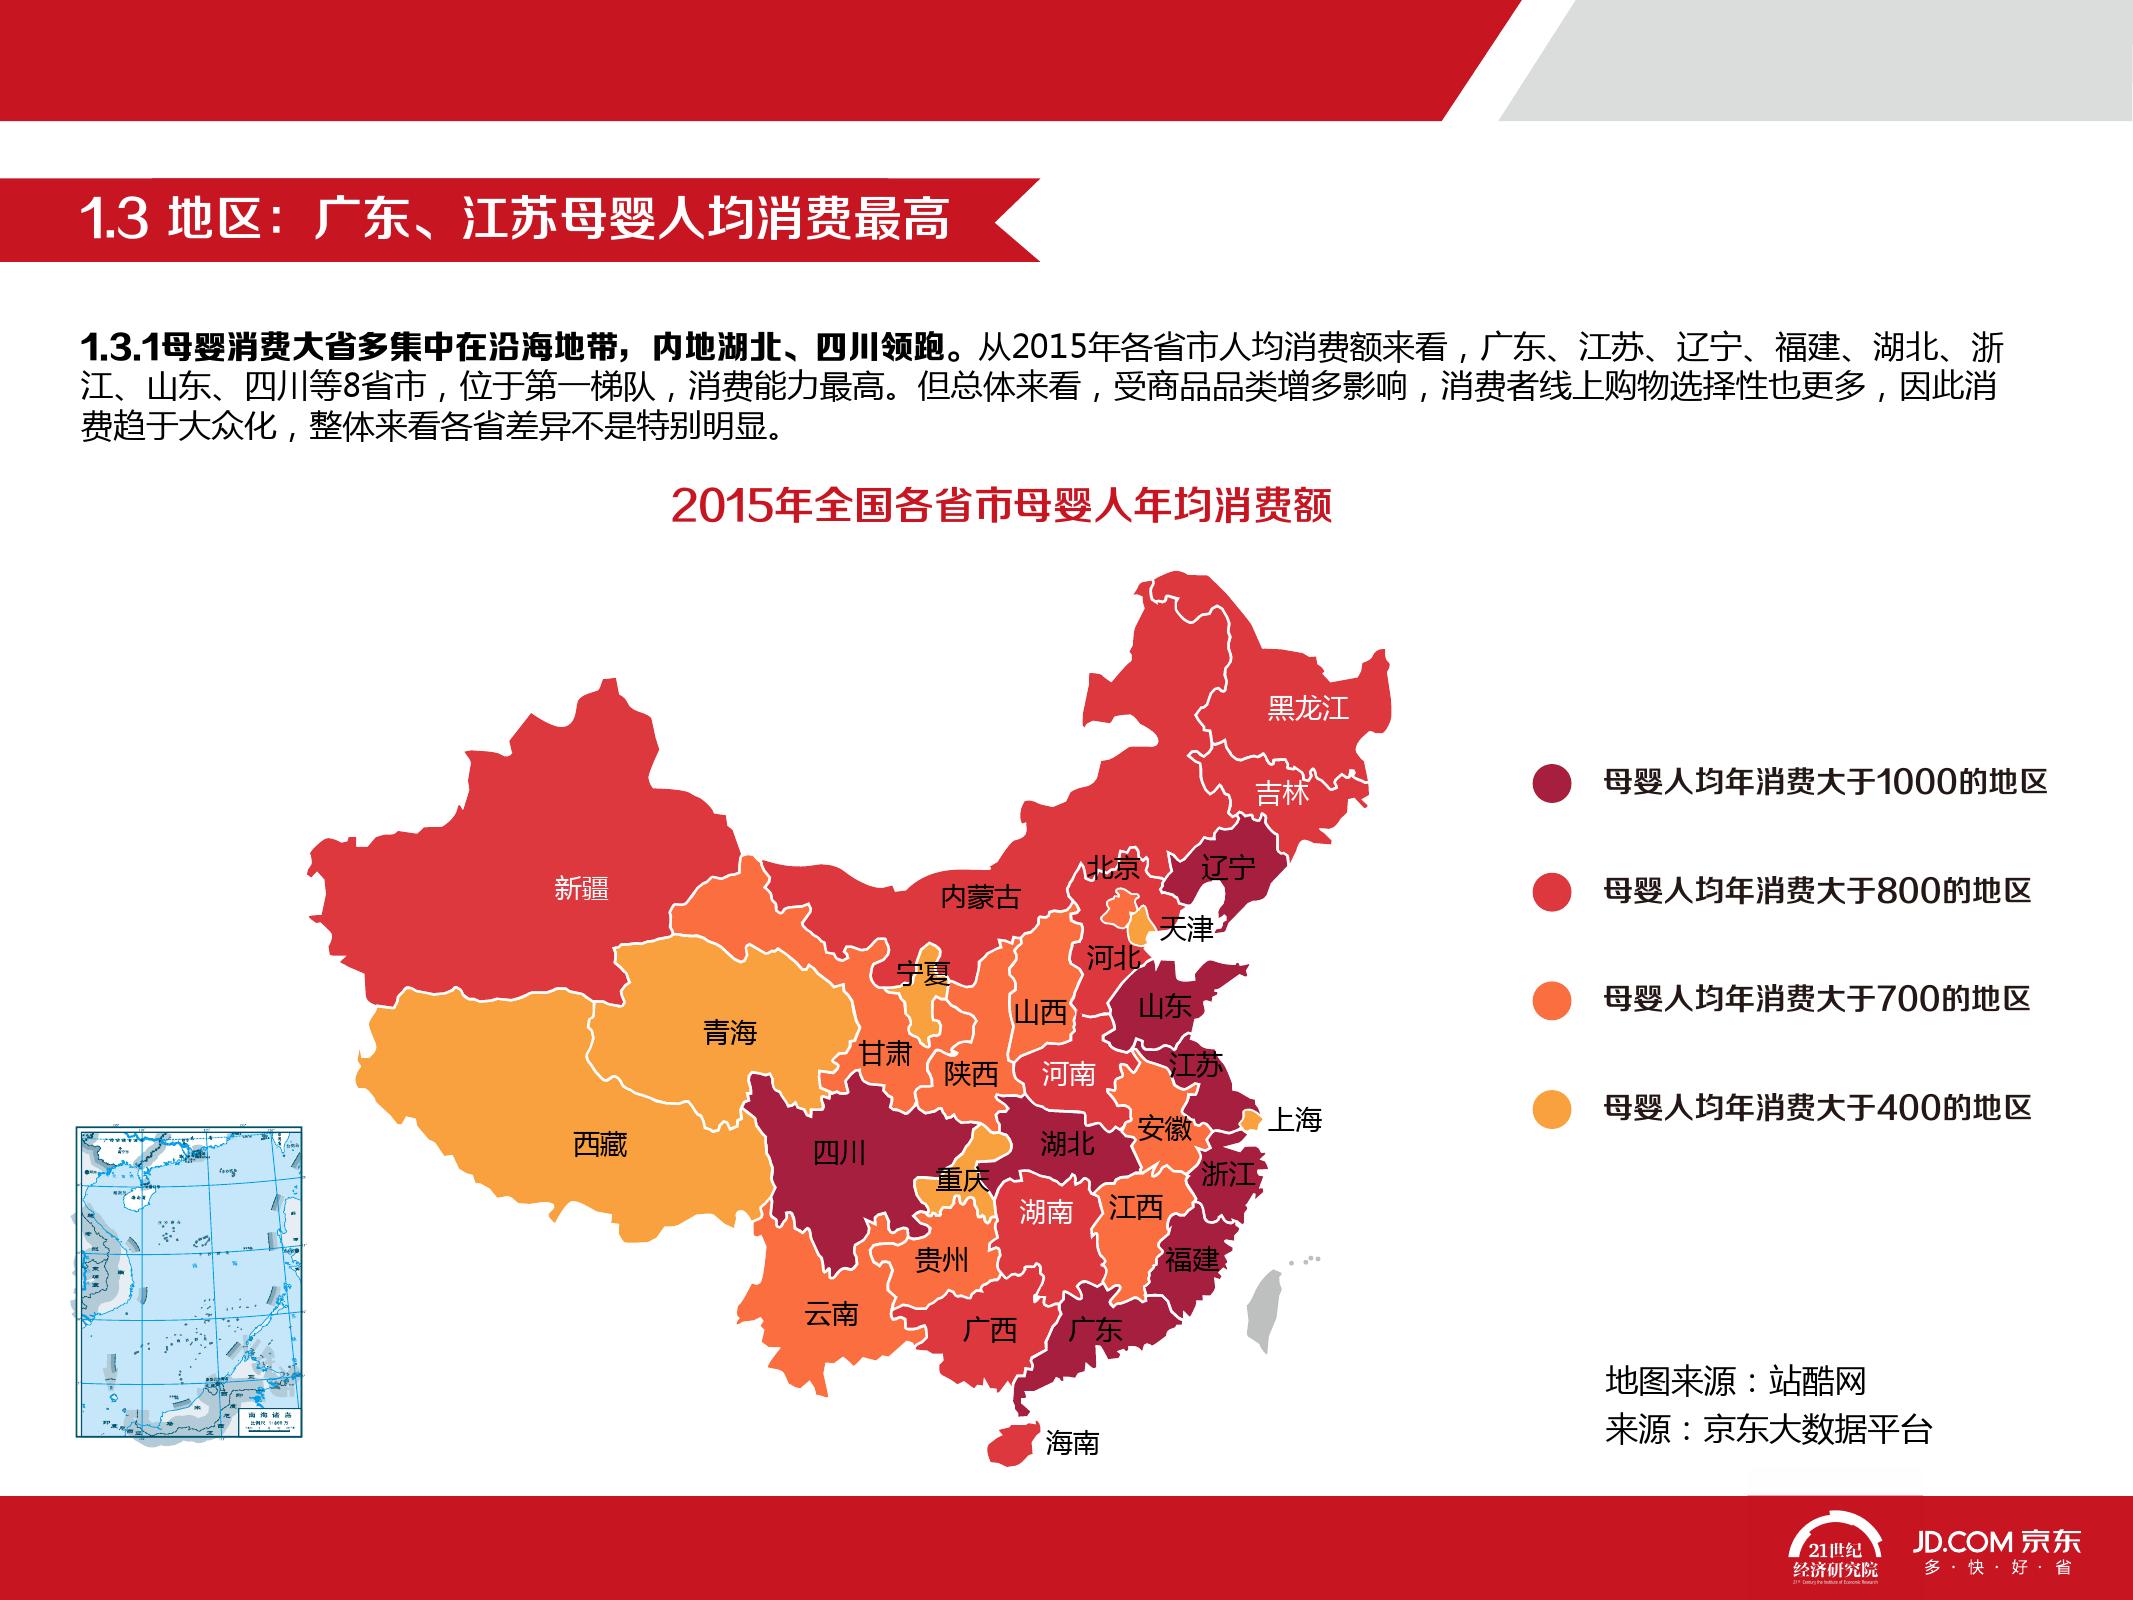 2016中国母婴产品消费趋势报告_000014